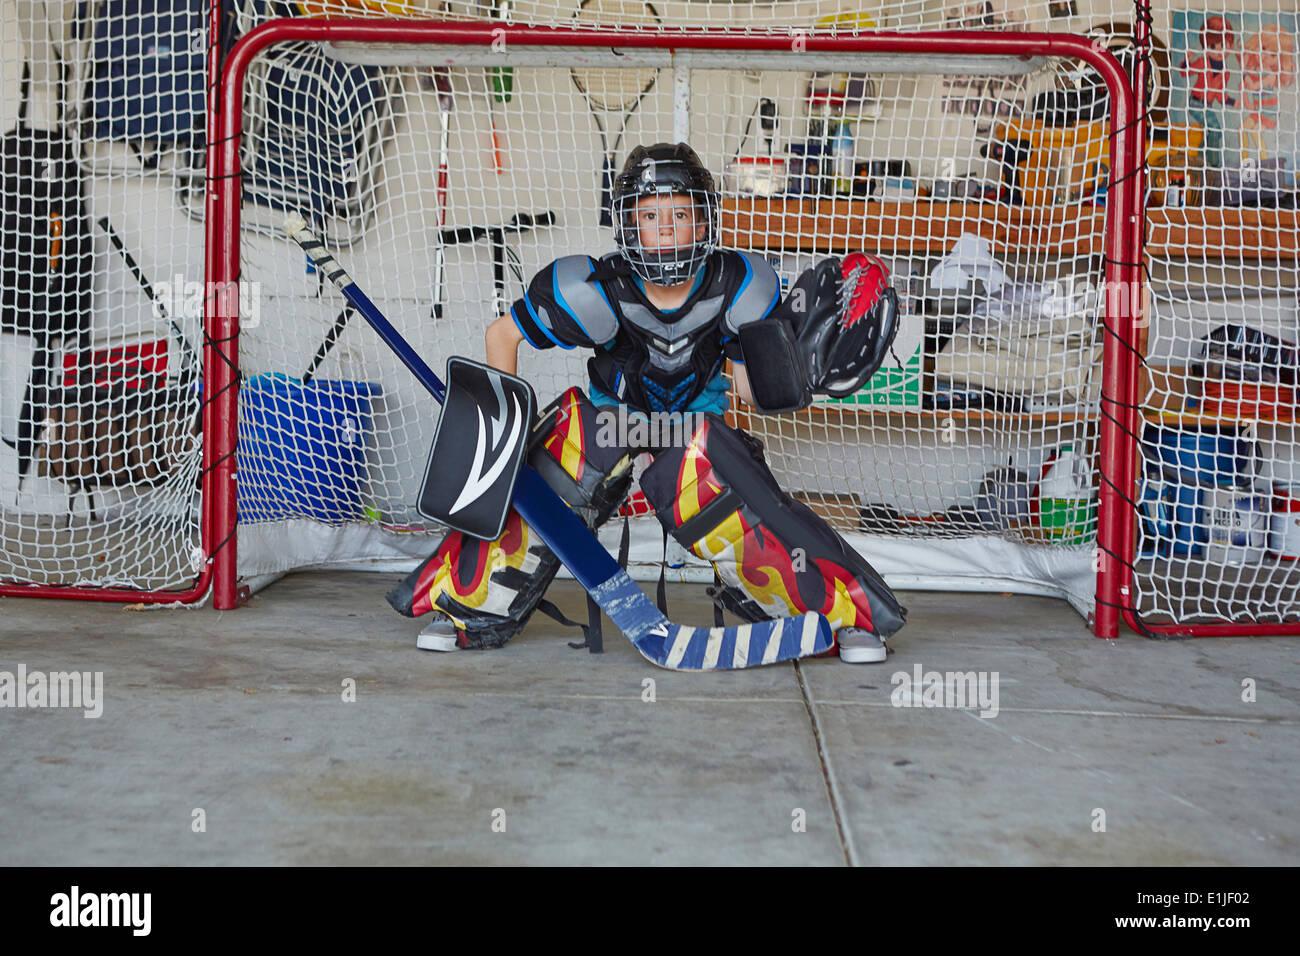 Boy en el hockey gol vistiendo ropa protectora Imagen De Stock